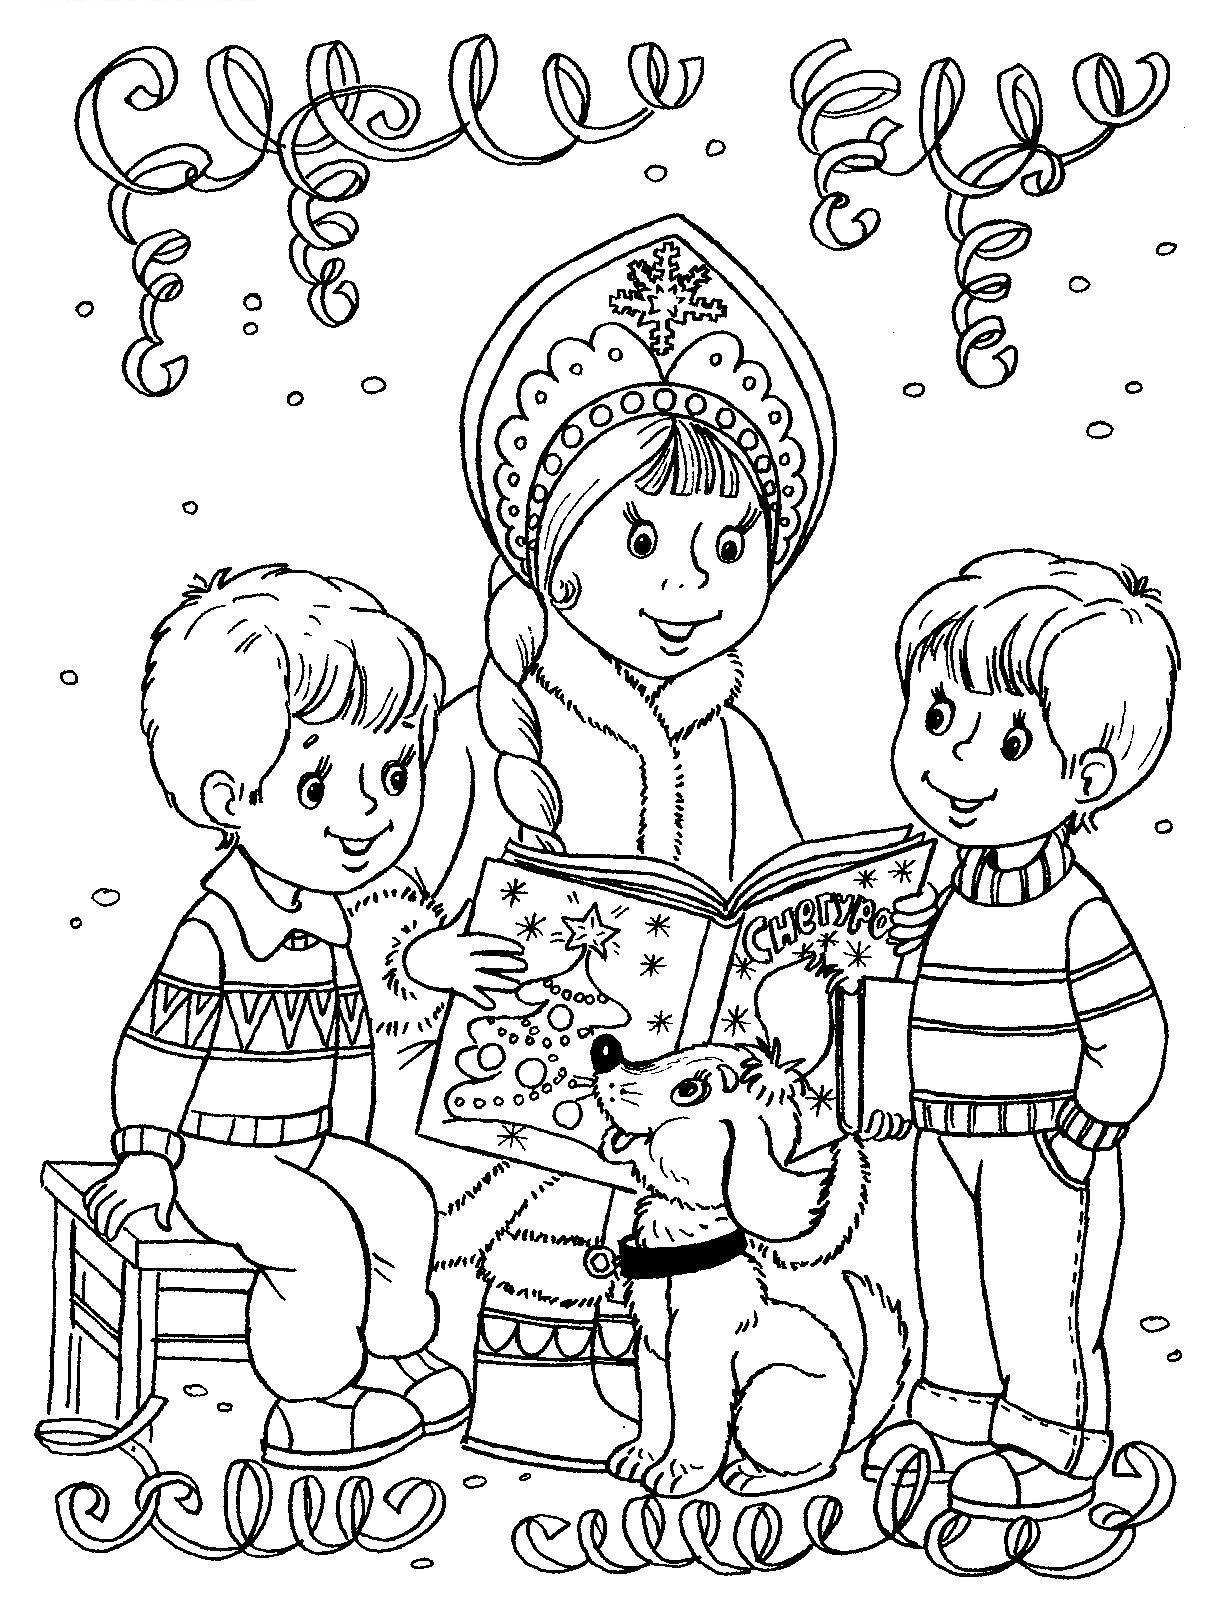 Снегурочка читает детям сказки Раскраски зима скачать бесплатно